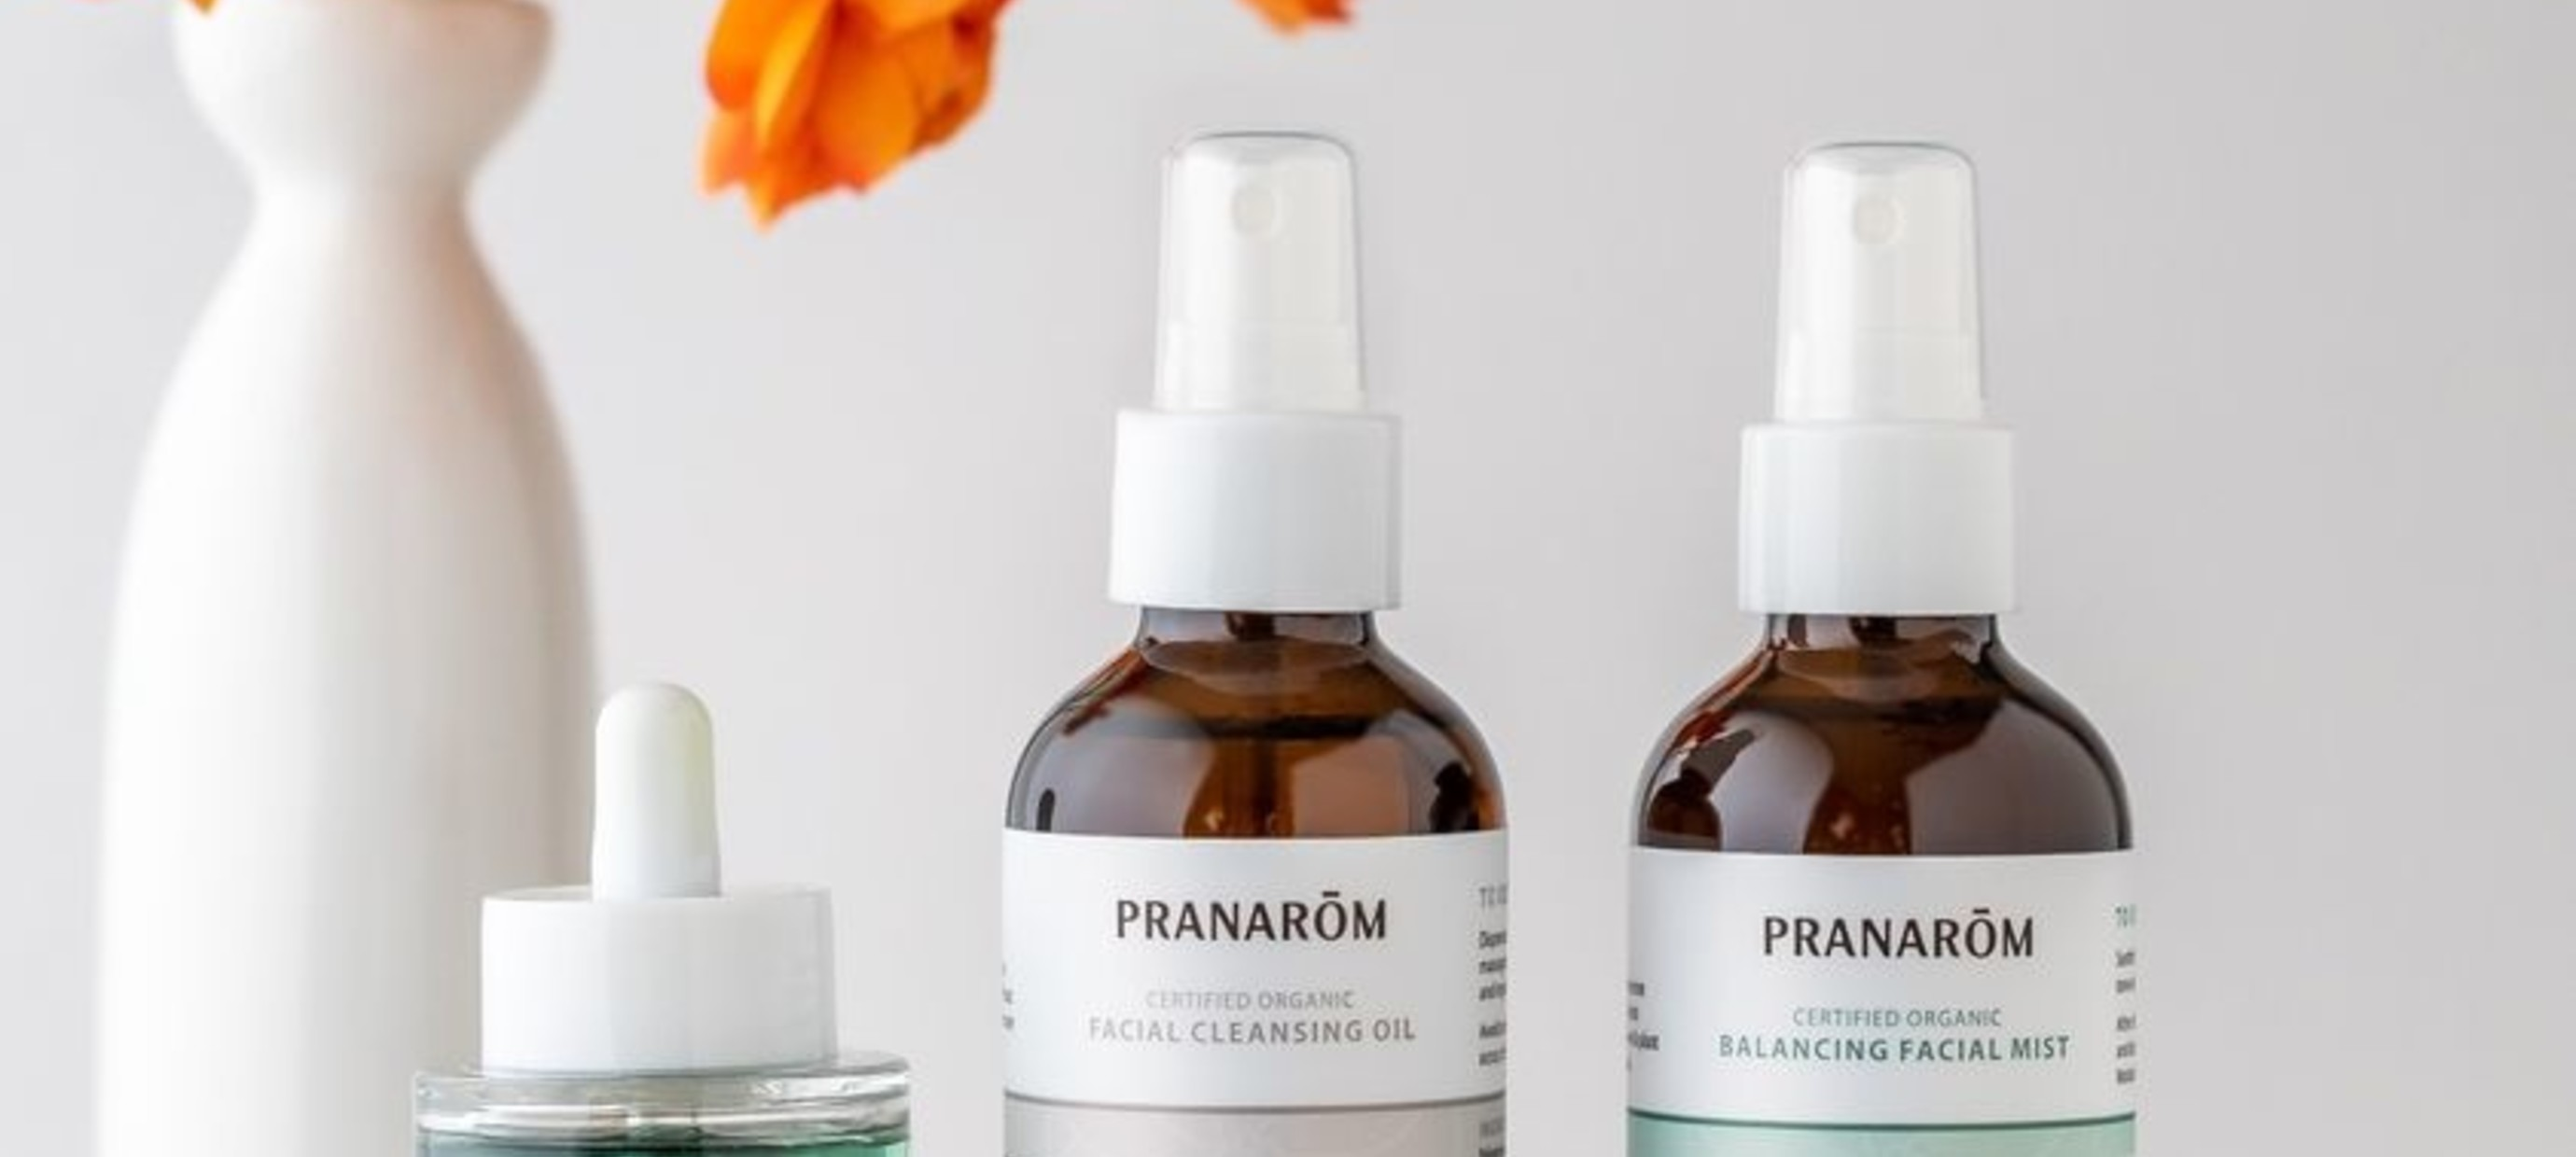 Pranarom - mit ätherischen Ölen und Diffusern für einen besseren Raumduft!